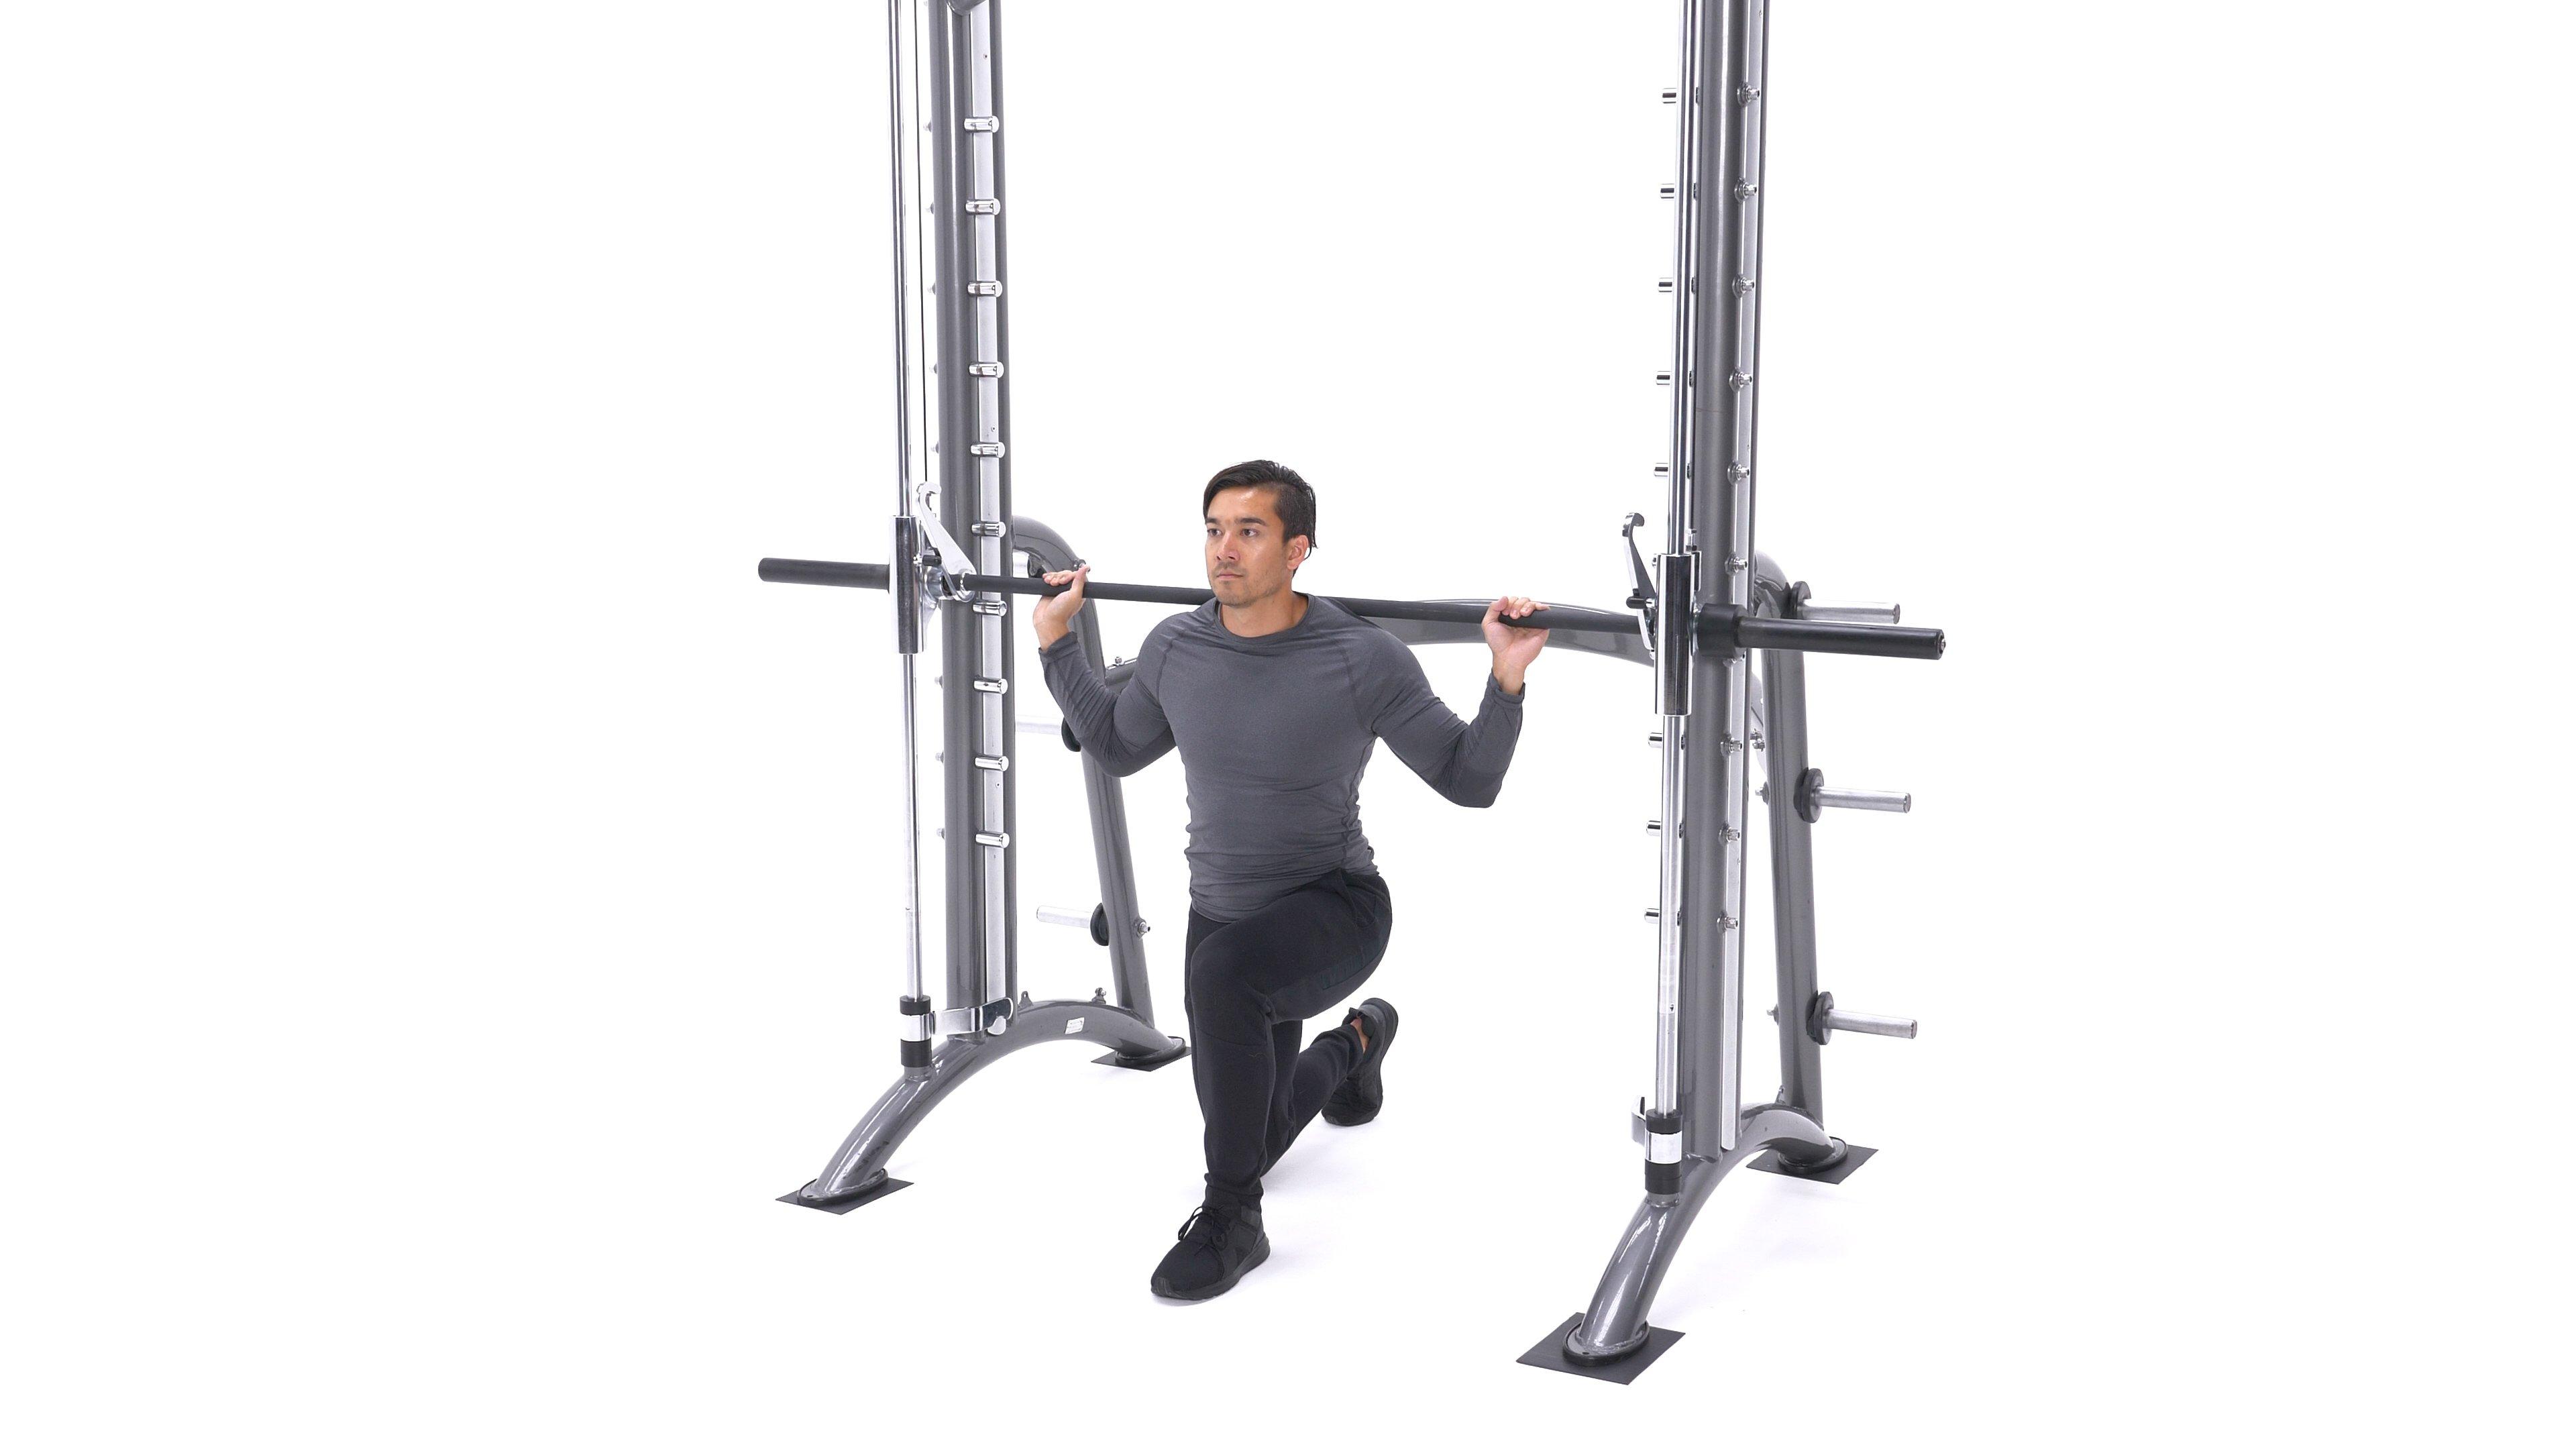 Smith machine lunge sprint image